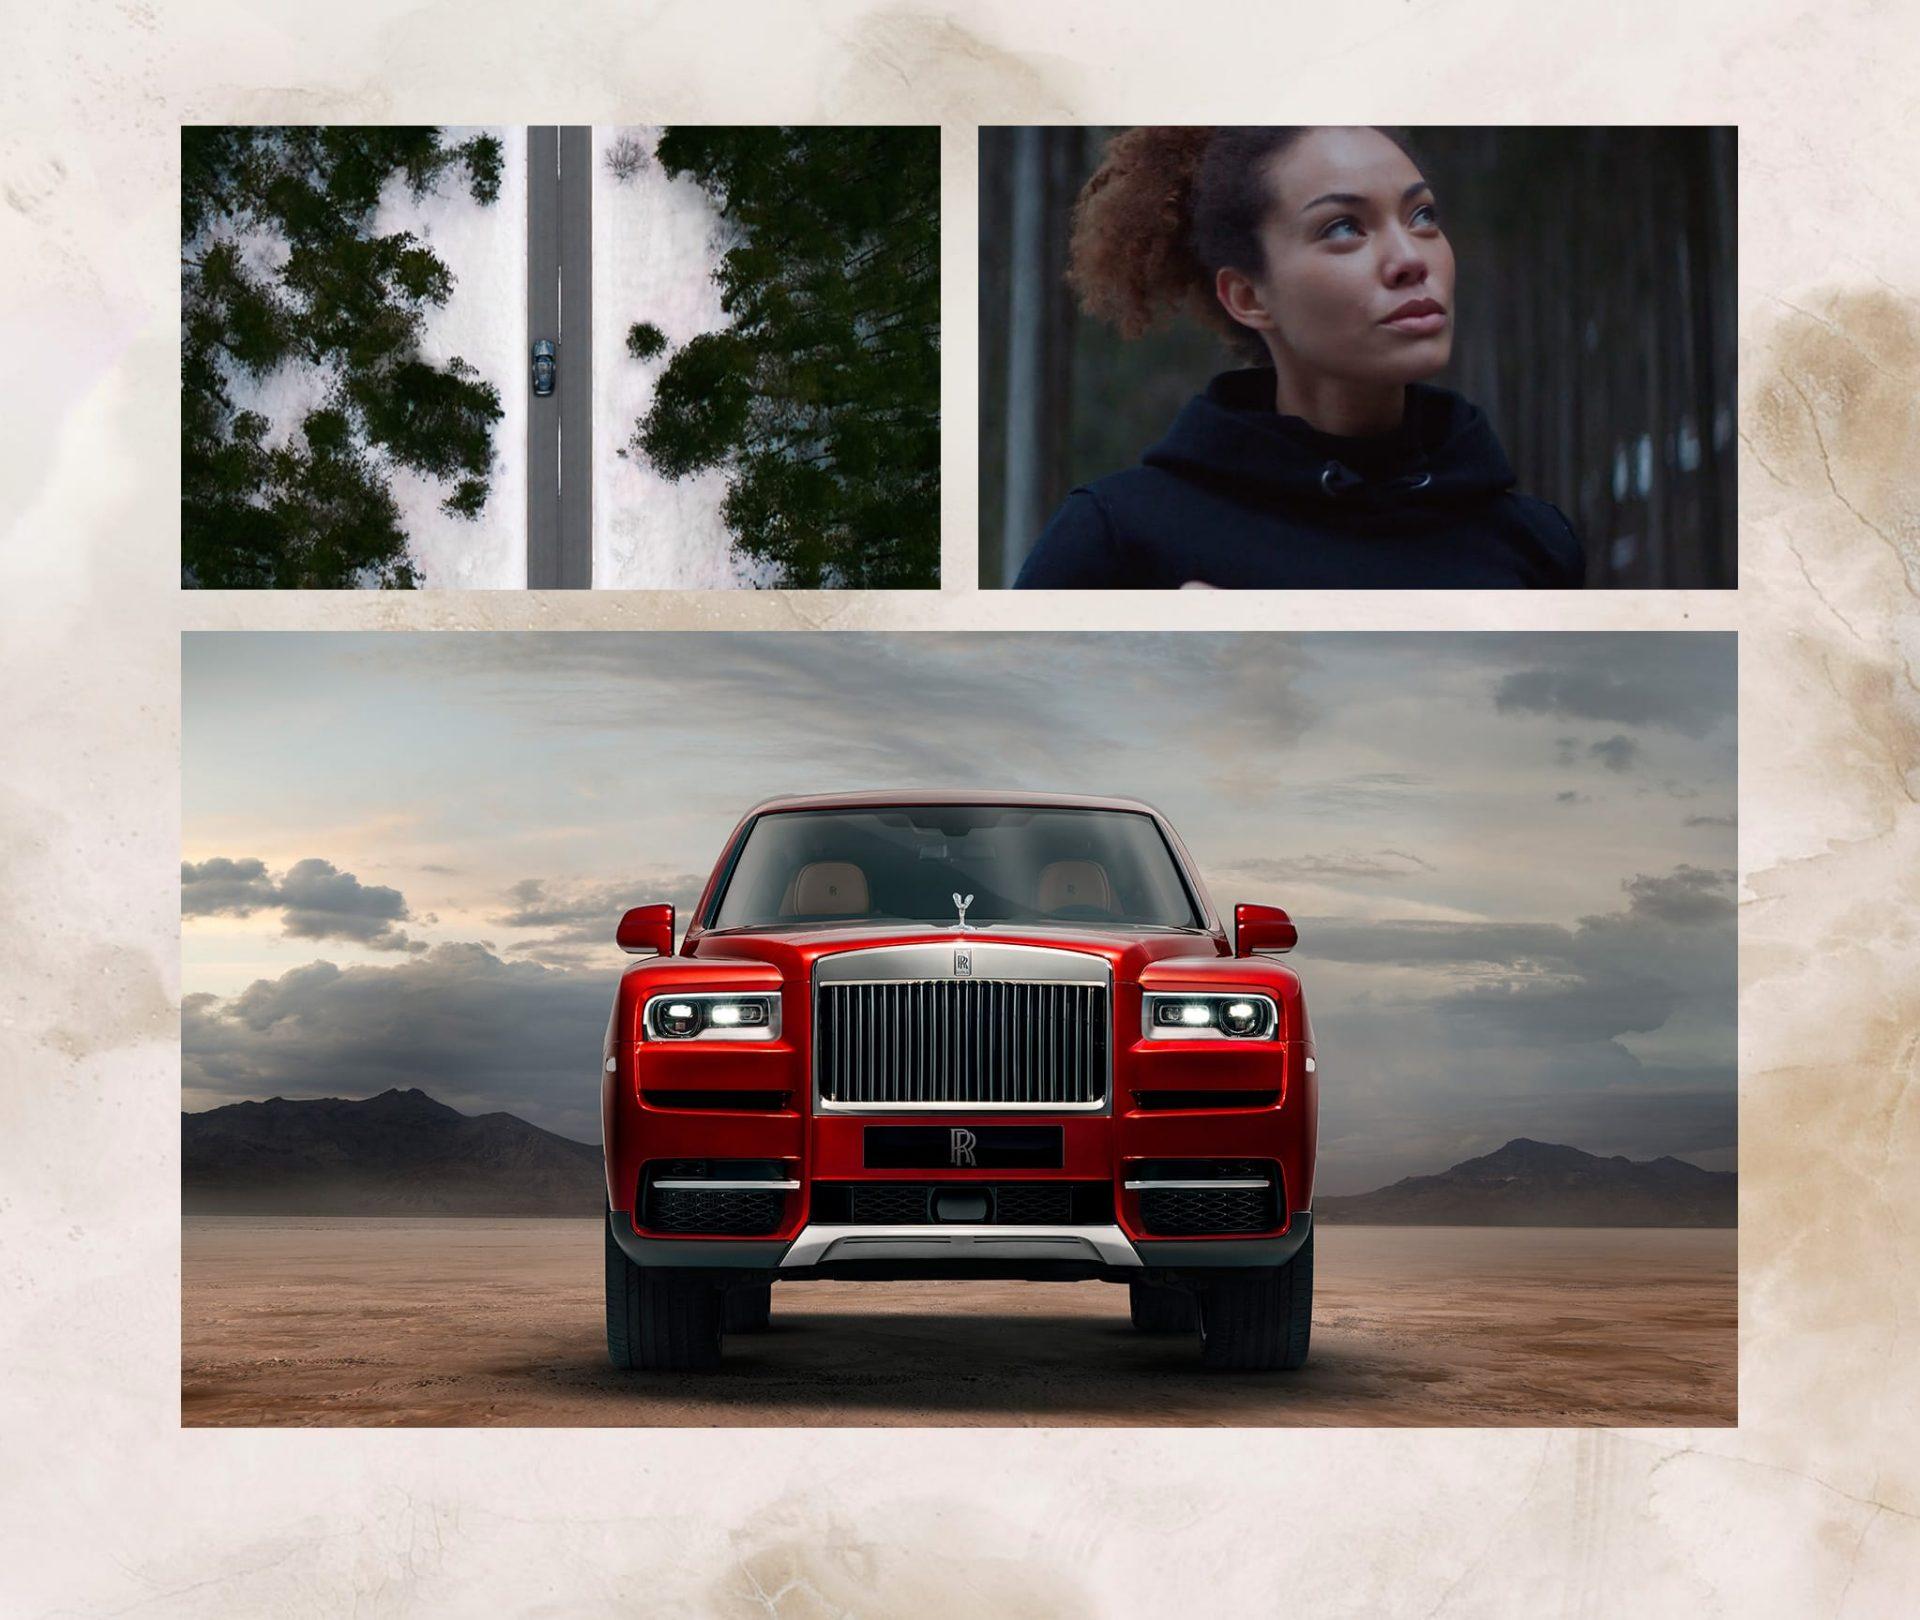 Rolls-Royce Cullinan: A Look Inside